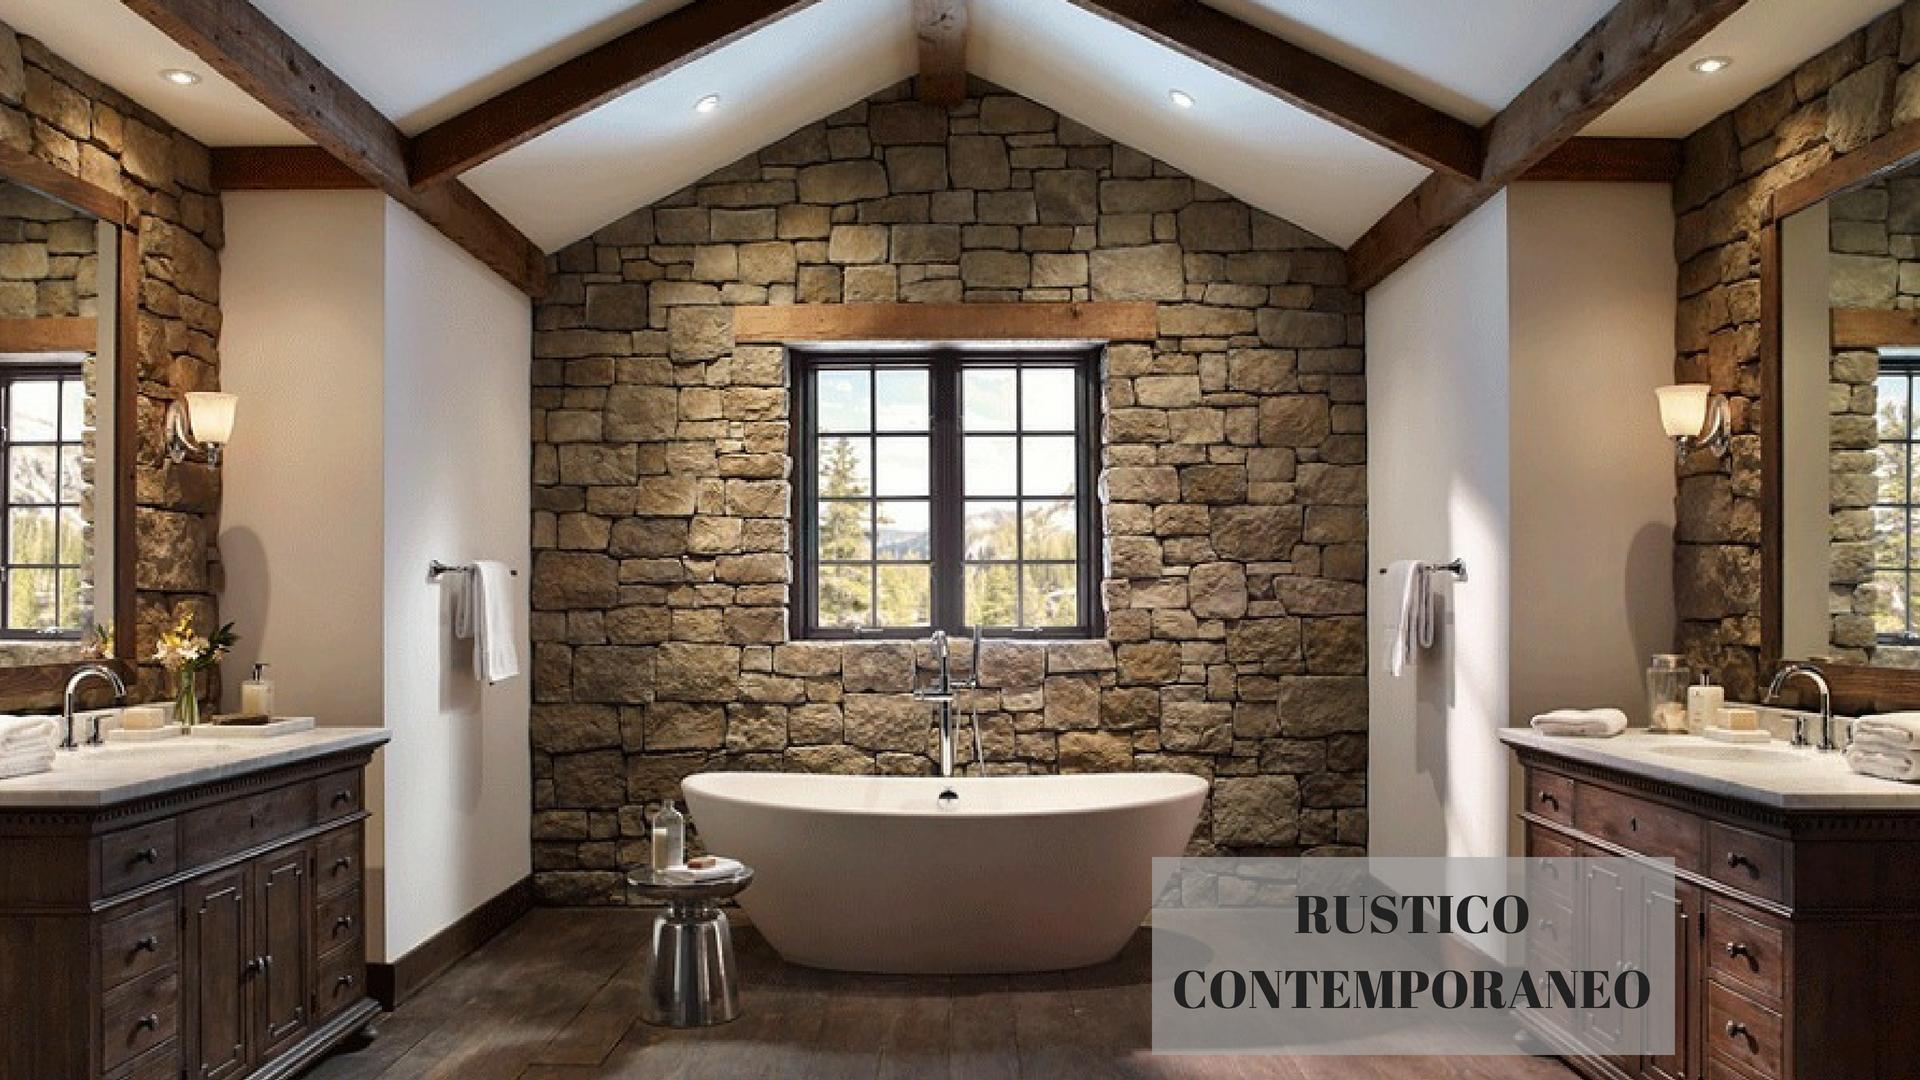 Bagno rustico autenticamente moderno sabia design center for Mobile bagno rustico moderno